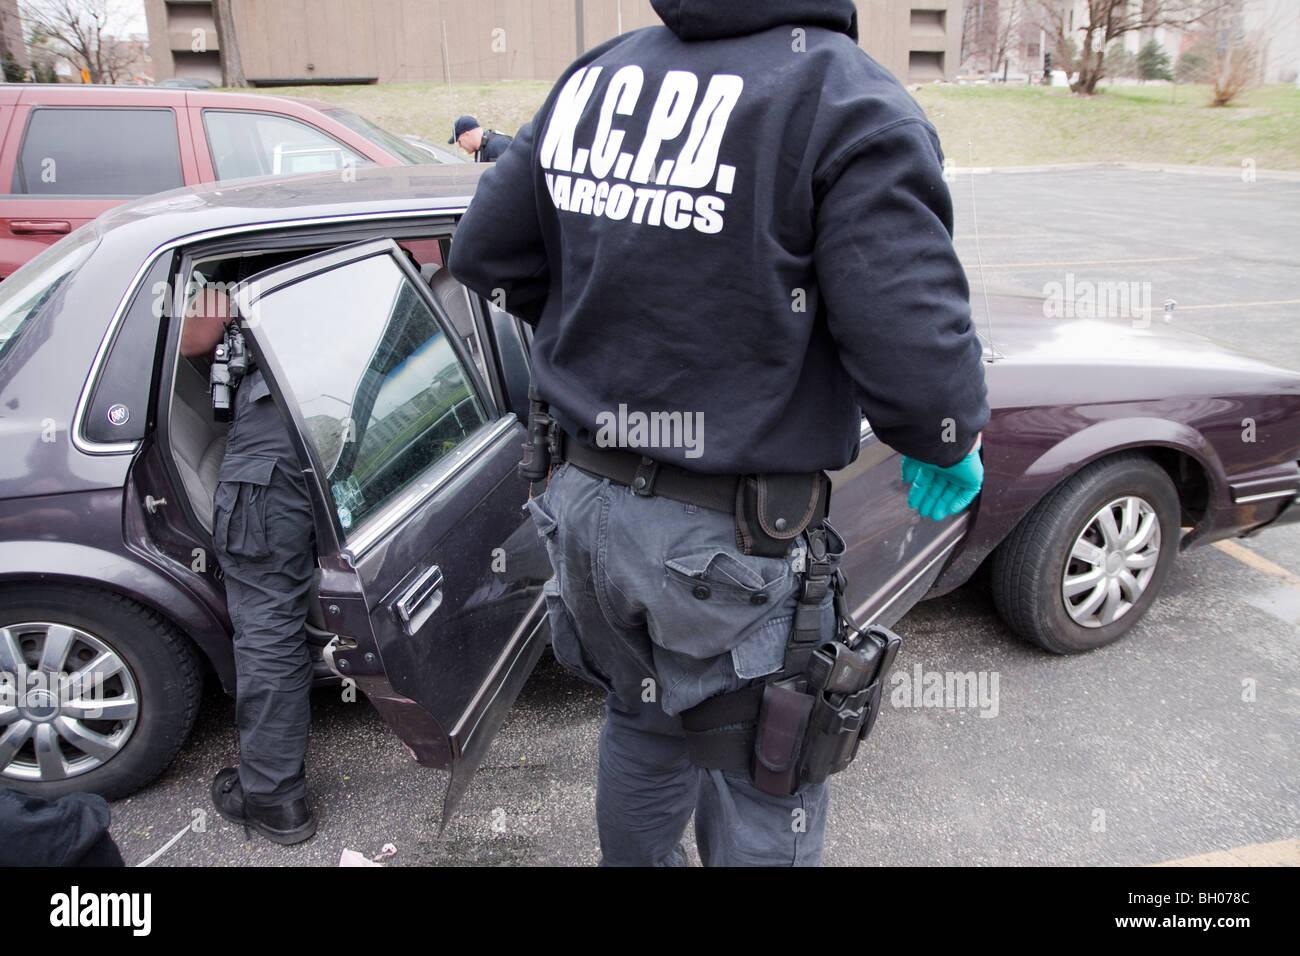 Polizeibeamte suchen Fahrzeug des mutmaßlichen Drogendealer nach der Festnahme des Fahrers. Stockbild